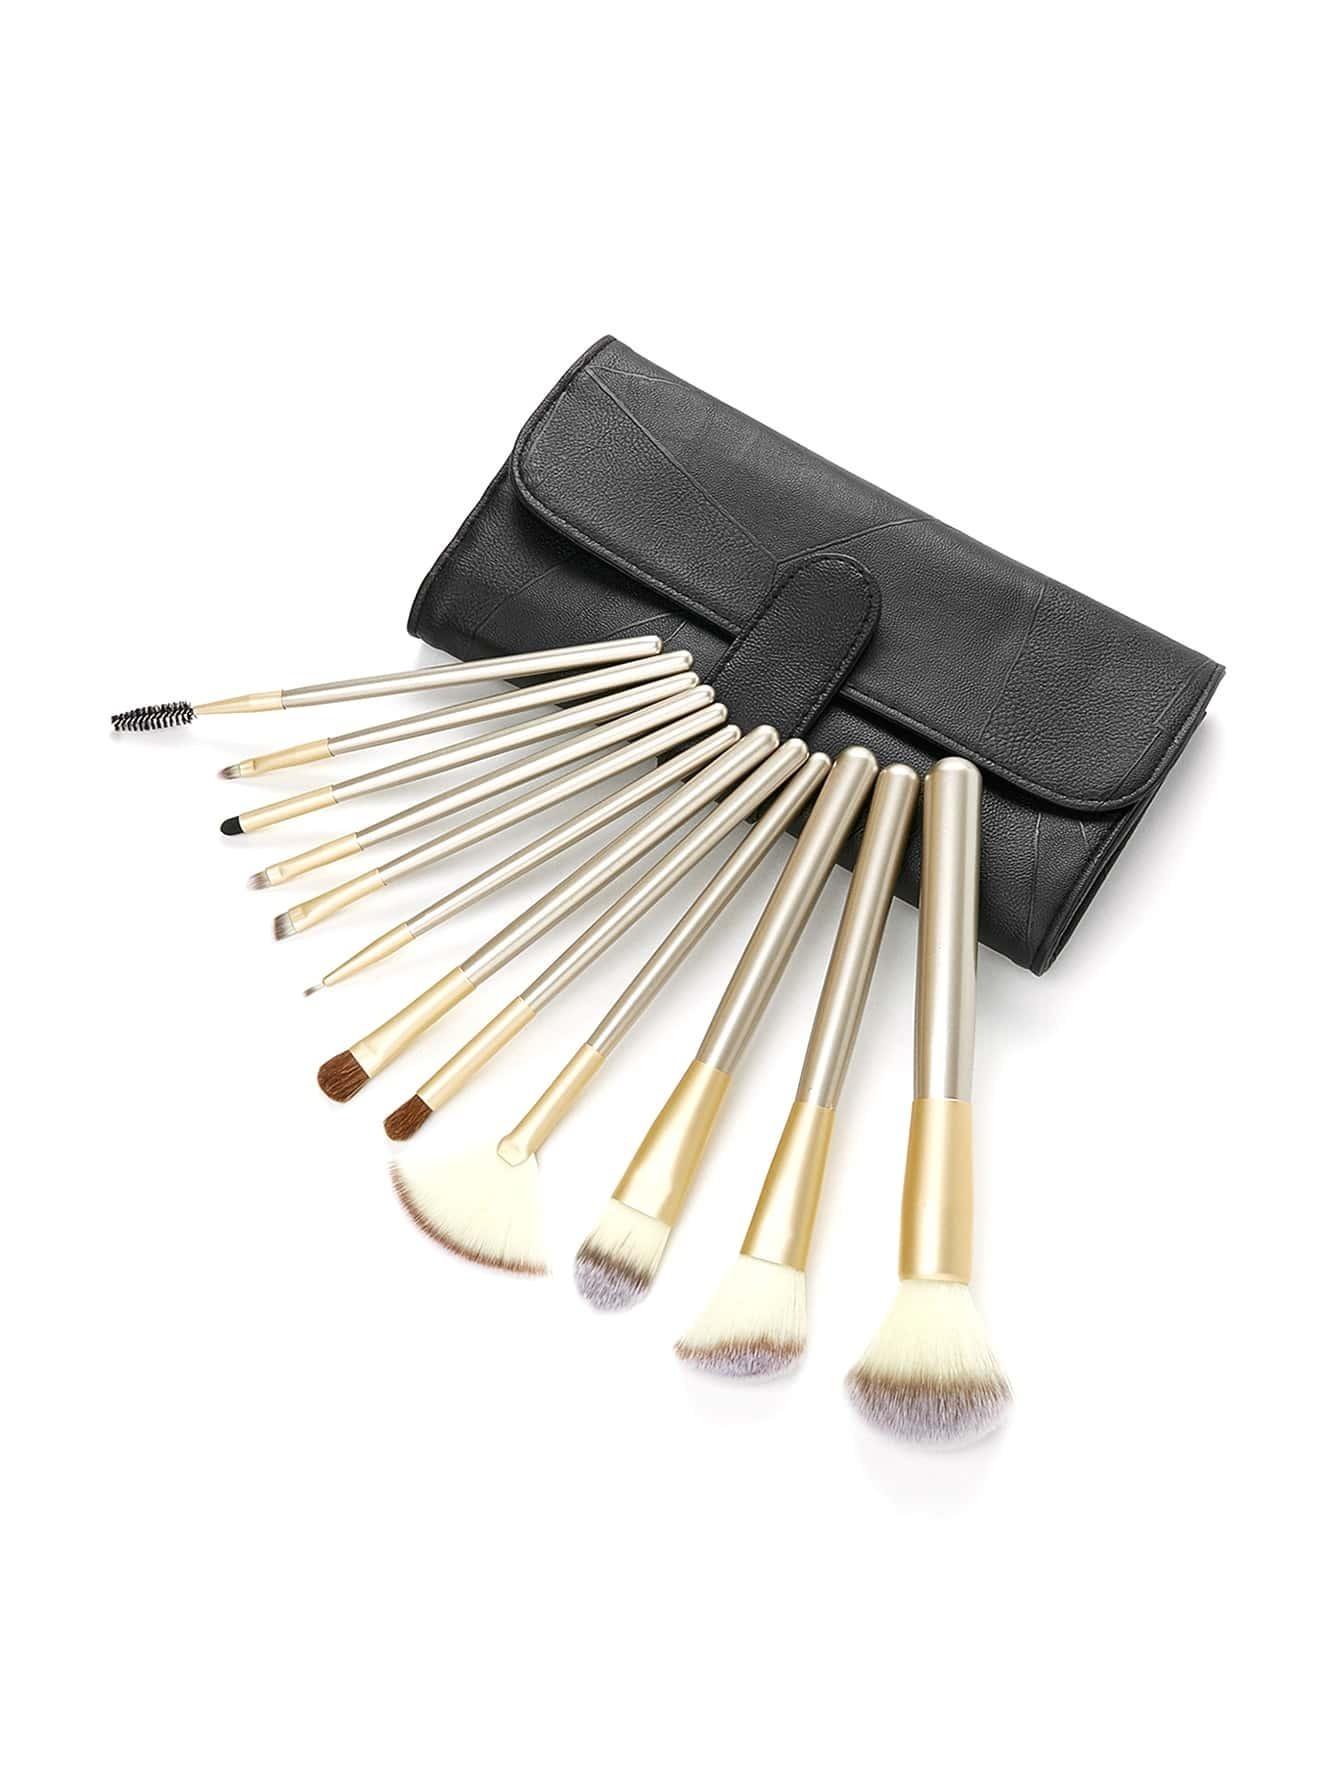 Image of Professional Makeup Brush Set 12pcs With Bag